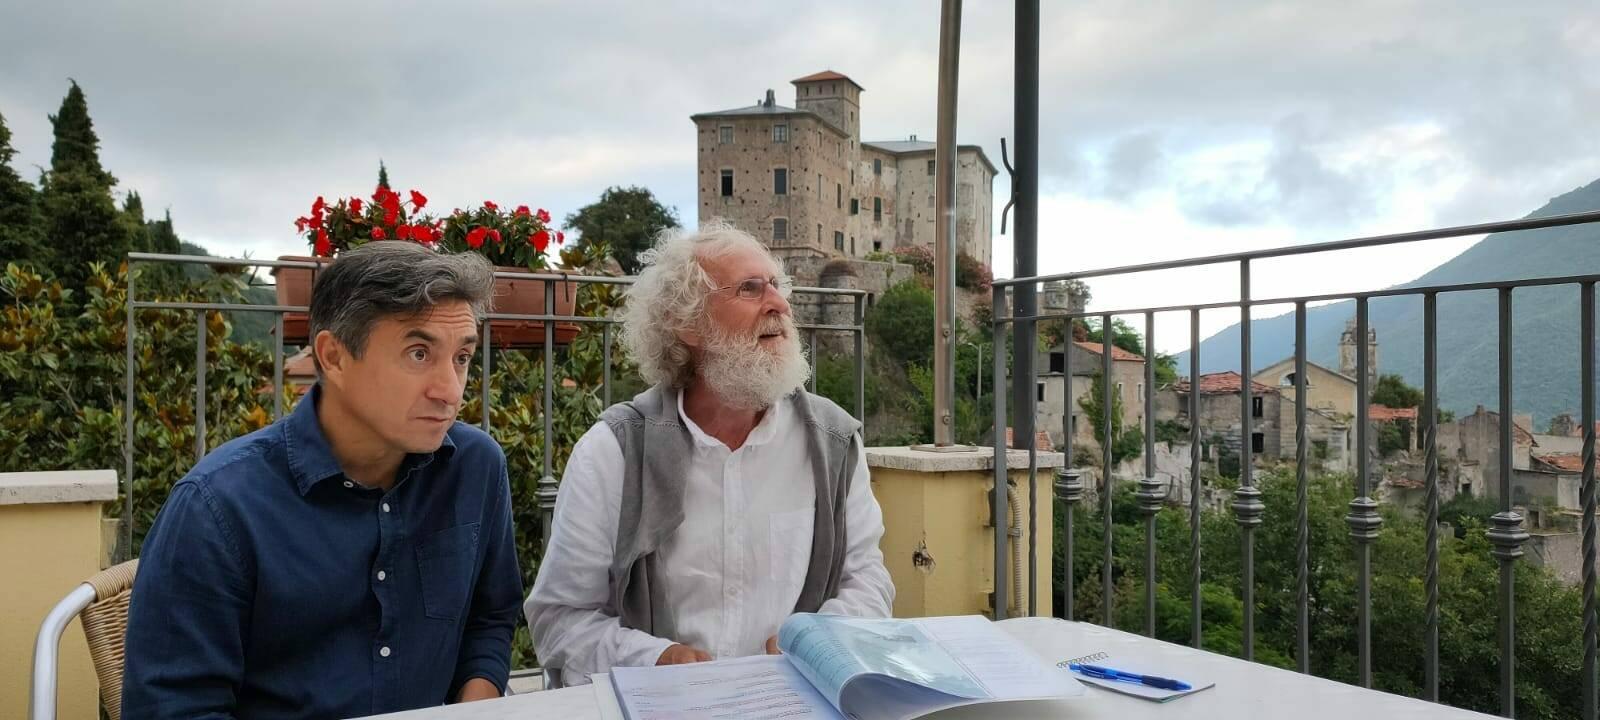 Massimo Calandri scrittore giornalista Pino Petruzzelli attore regista